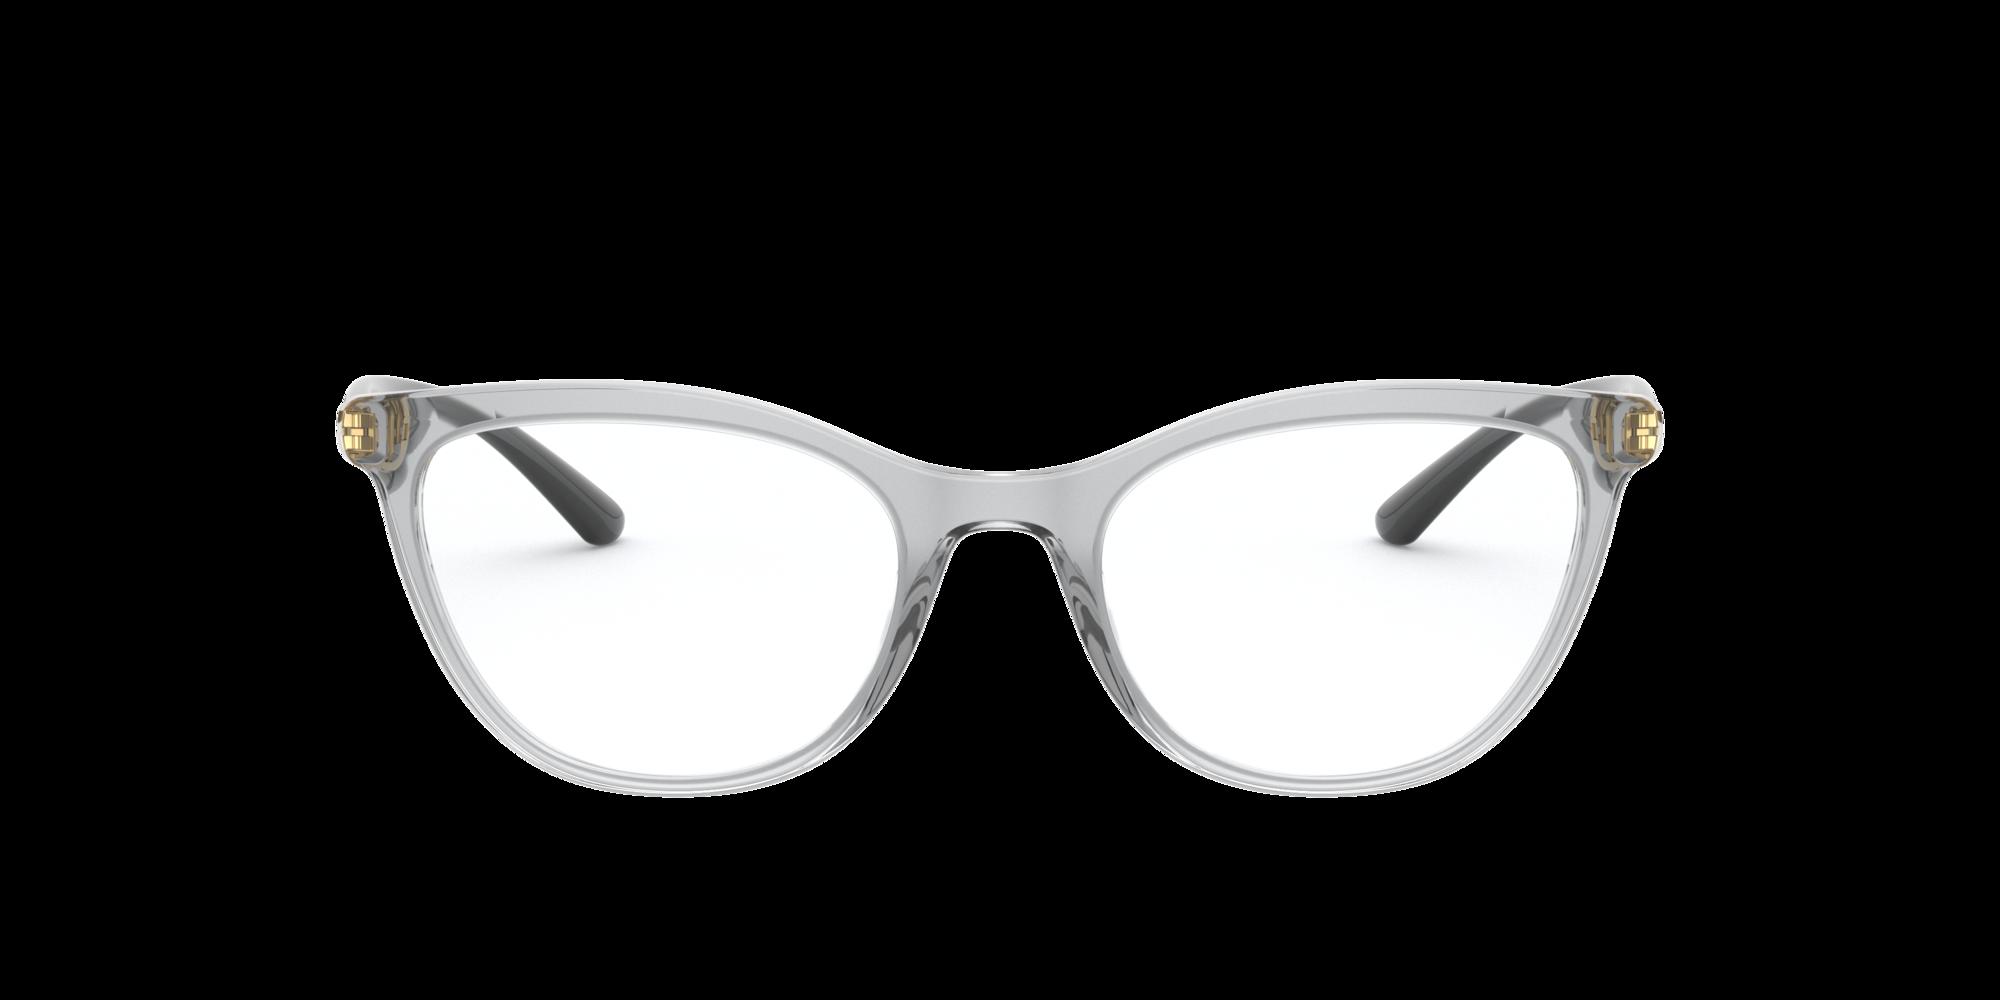 Imagen para DG3324 de LensCrafters |  Espejuelos, espejuelos graduados en línea, gafas